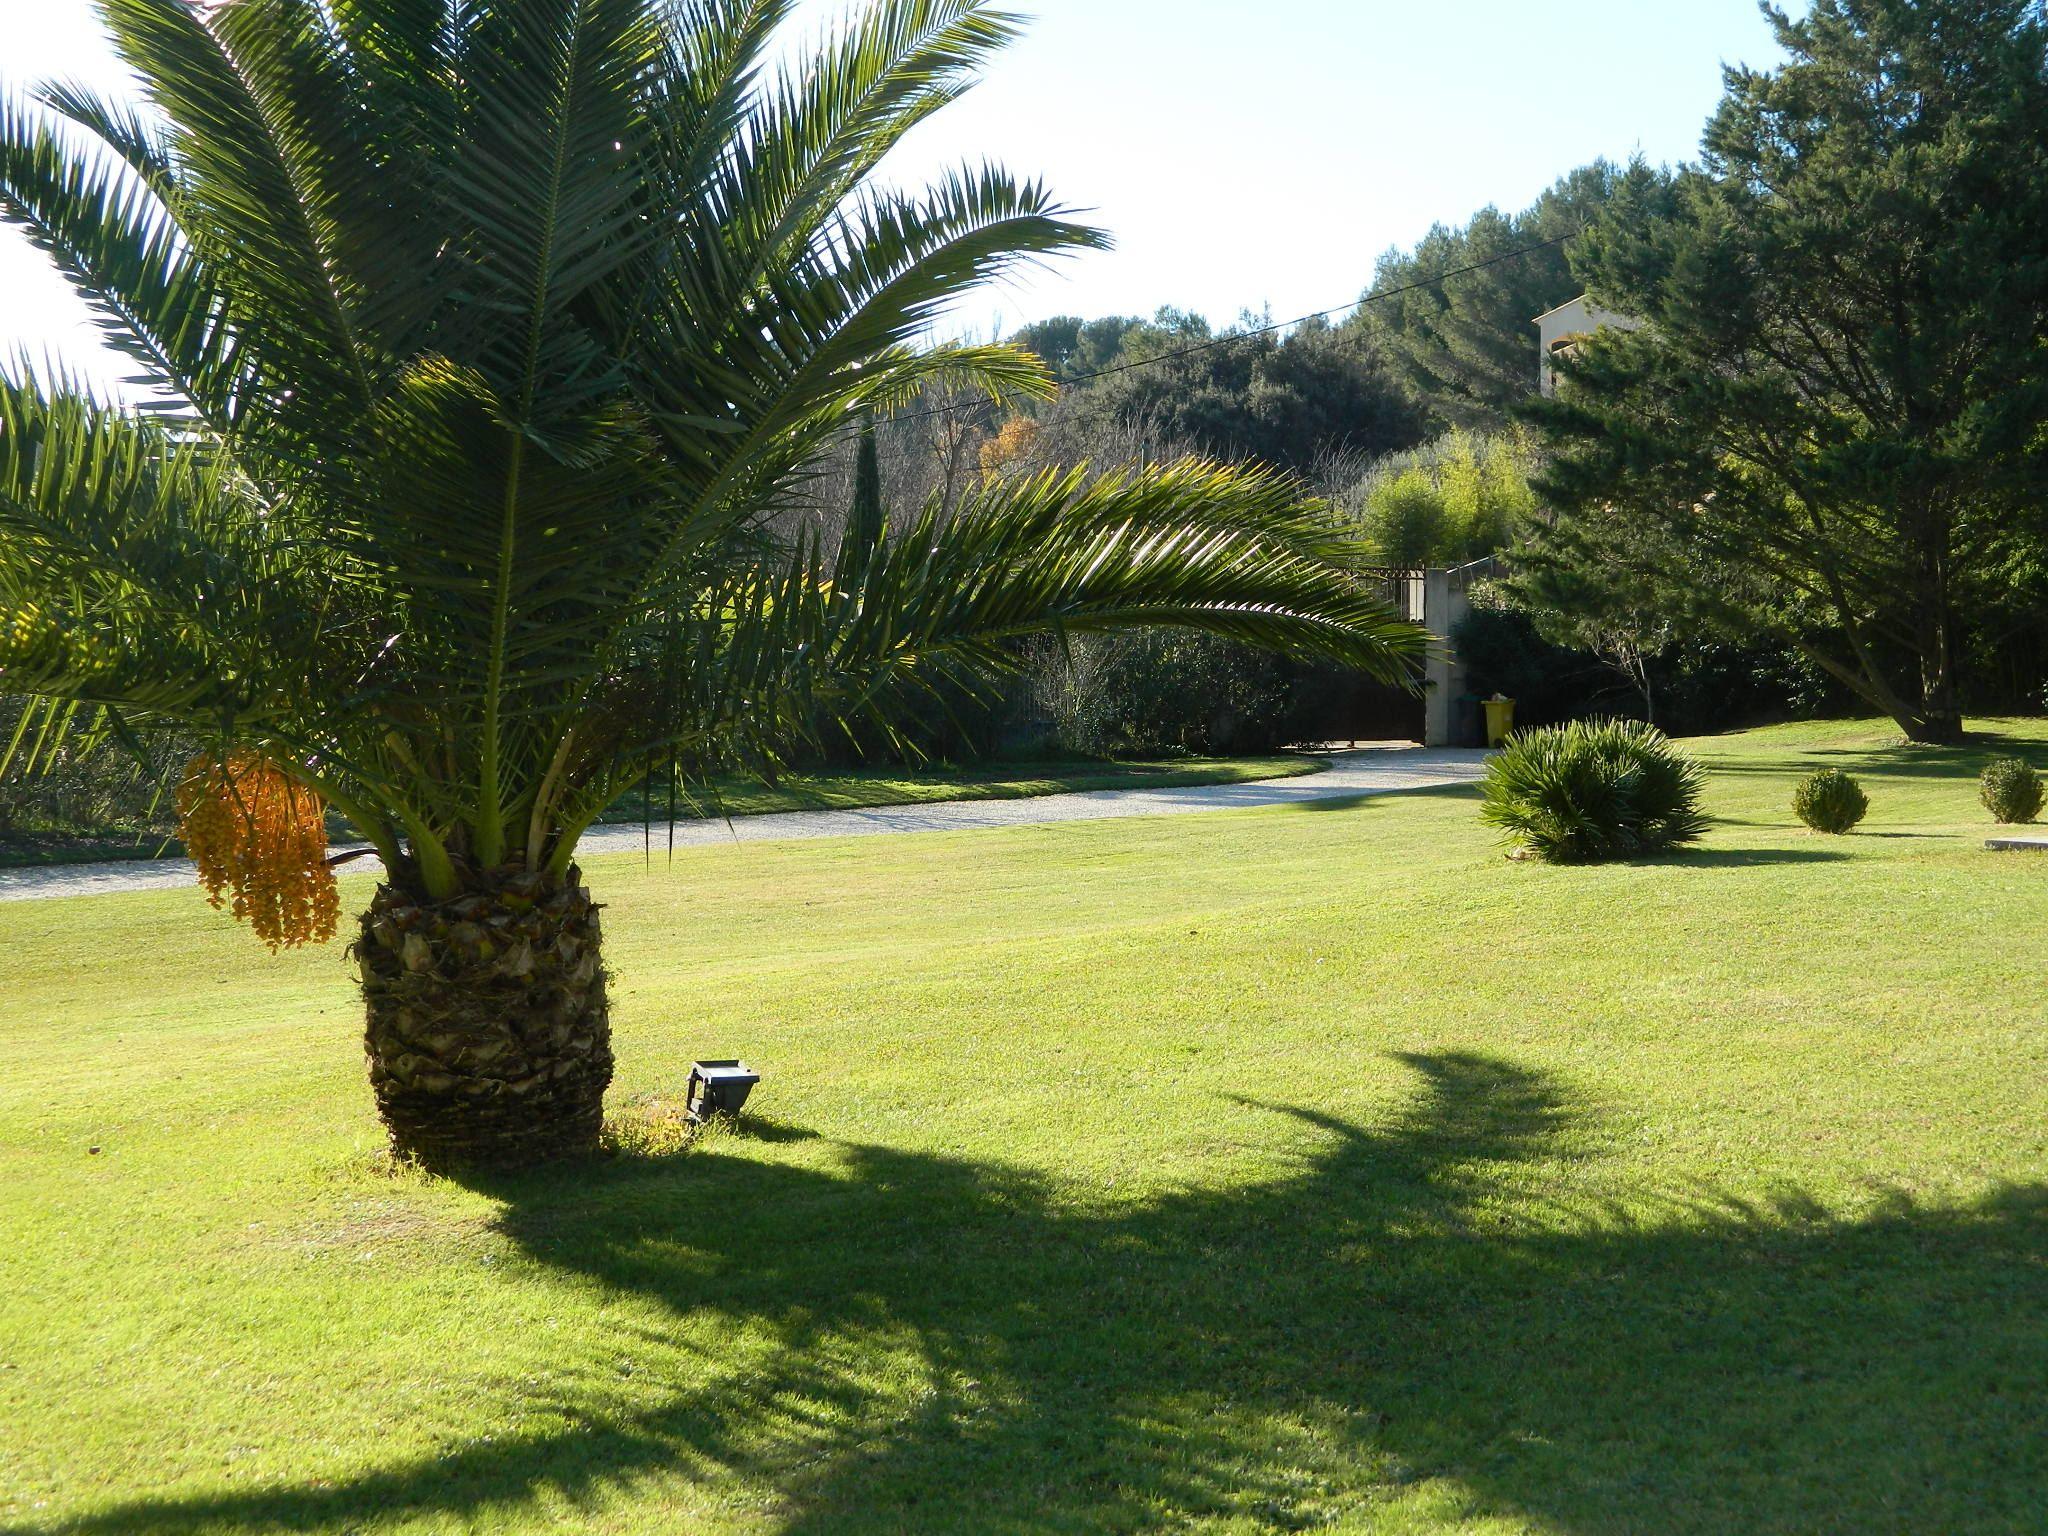 土地 为 销售 在 BEAU TERRAIN PLAT 1157M² 马赛, 普罗旺斯阿尔卑斯蓝色海岸, 13011 法国